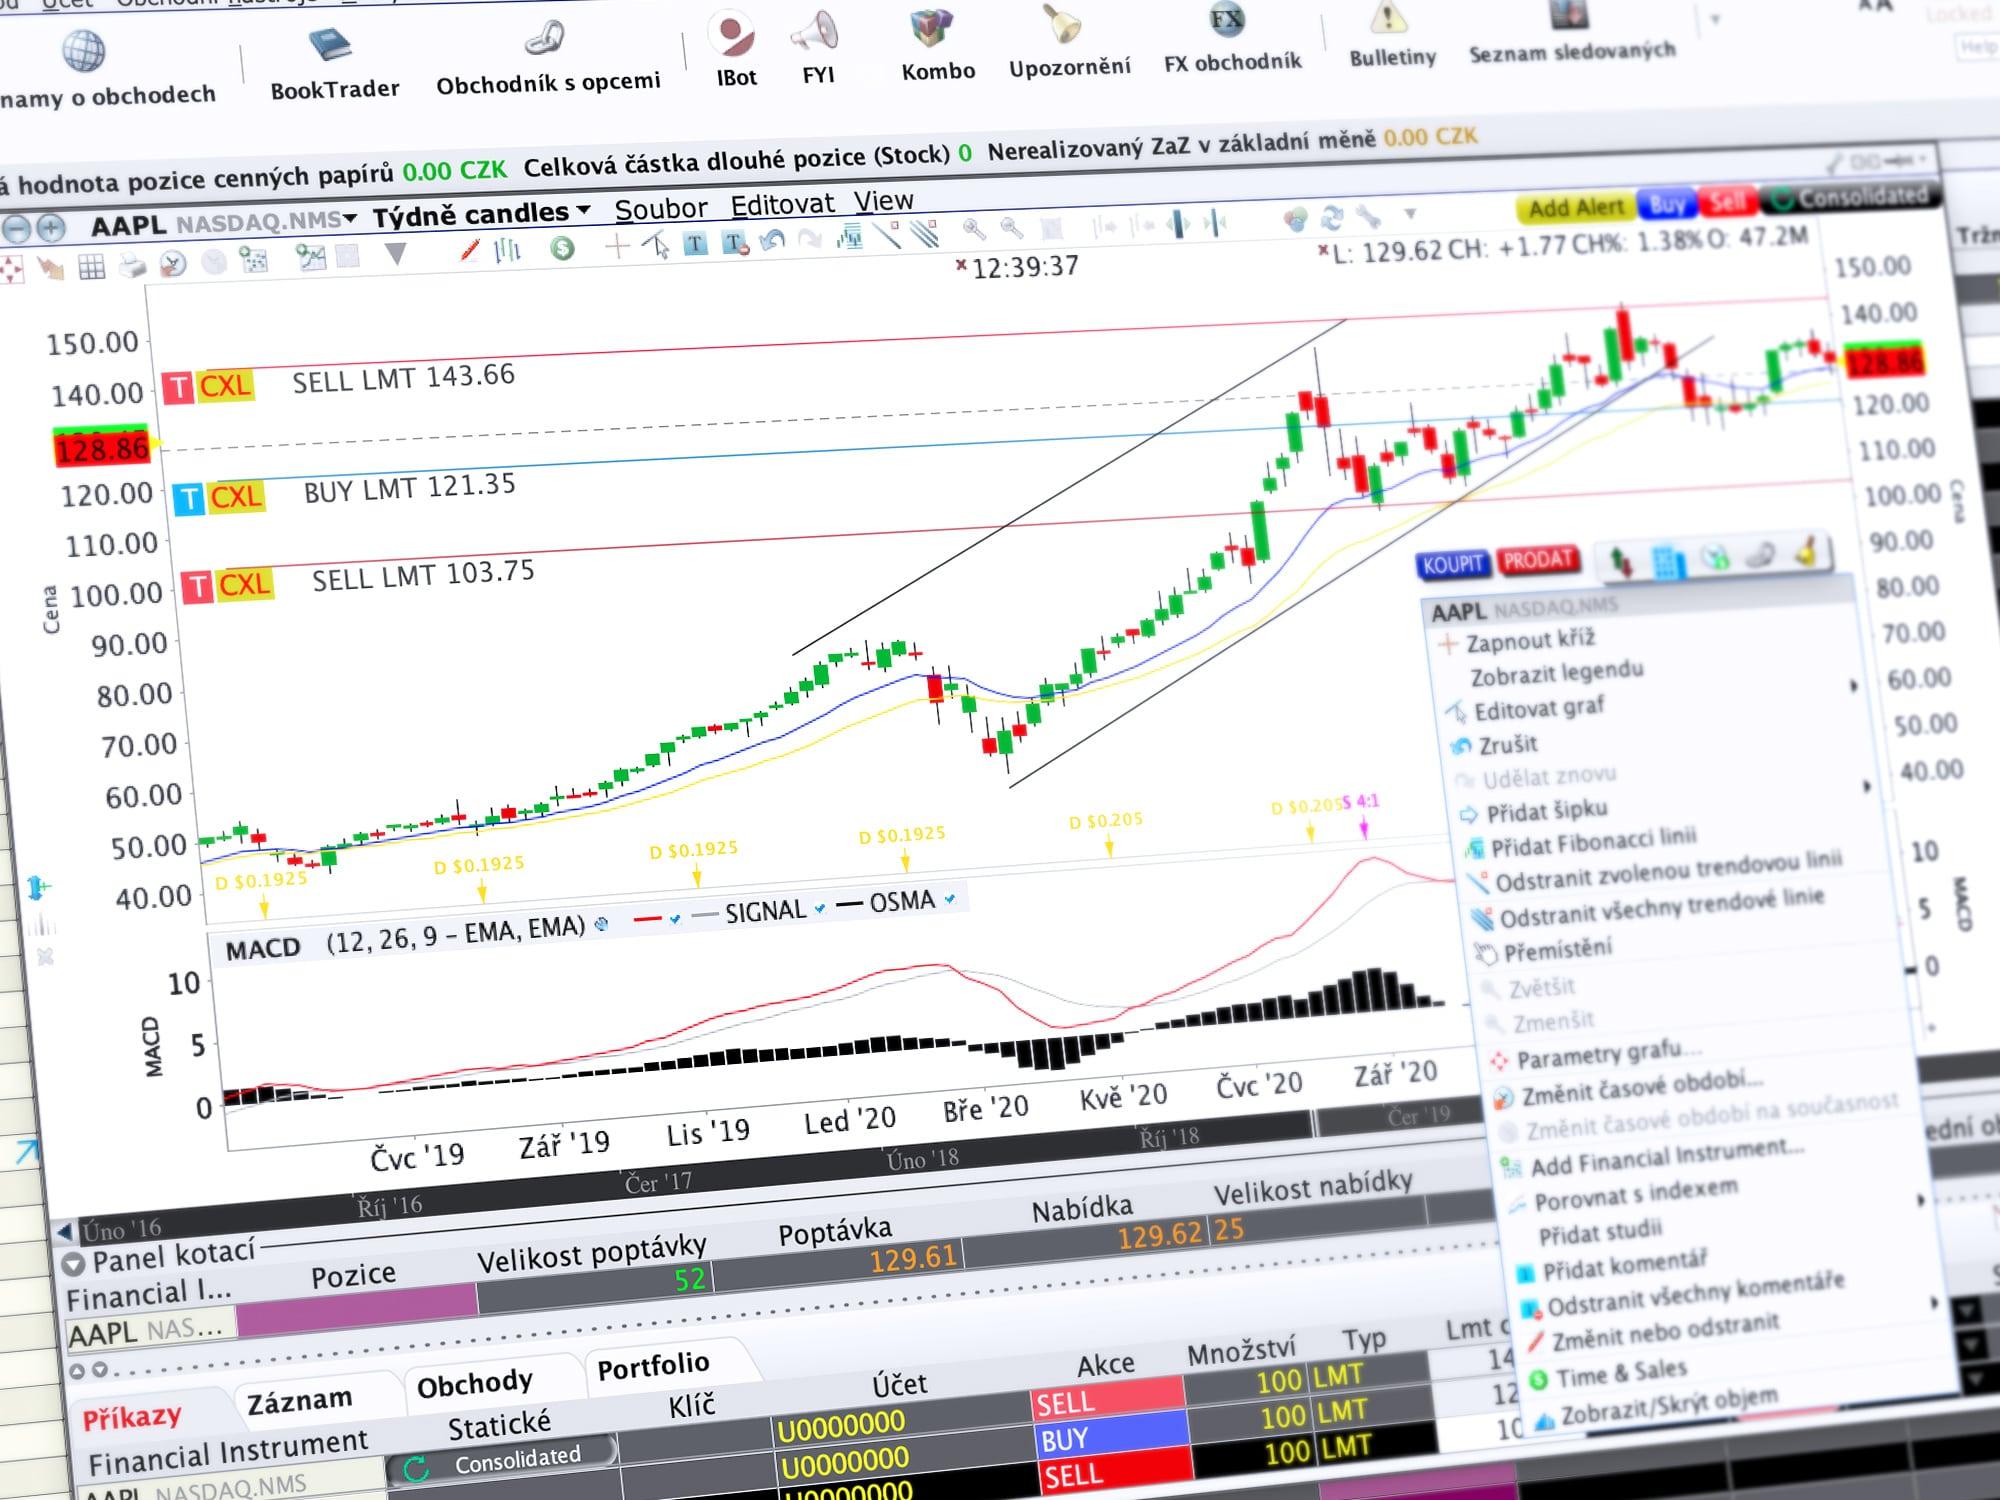 Ukázka obchodování v TWS prostřednictvím nástroje Charttrader